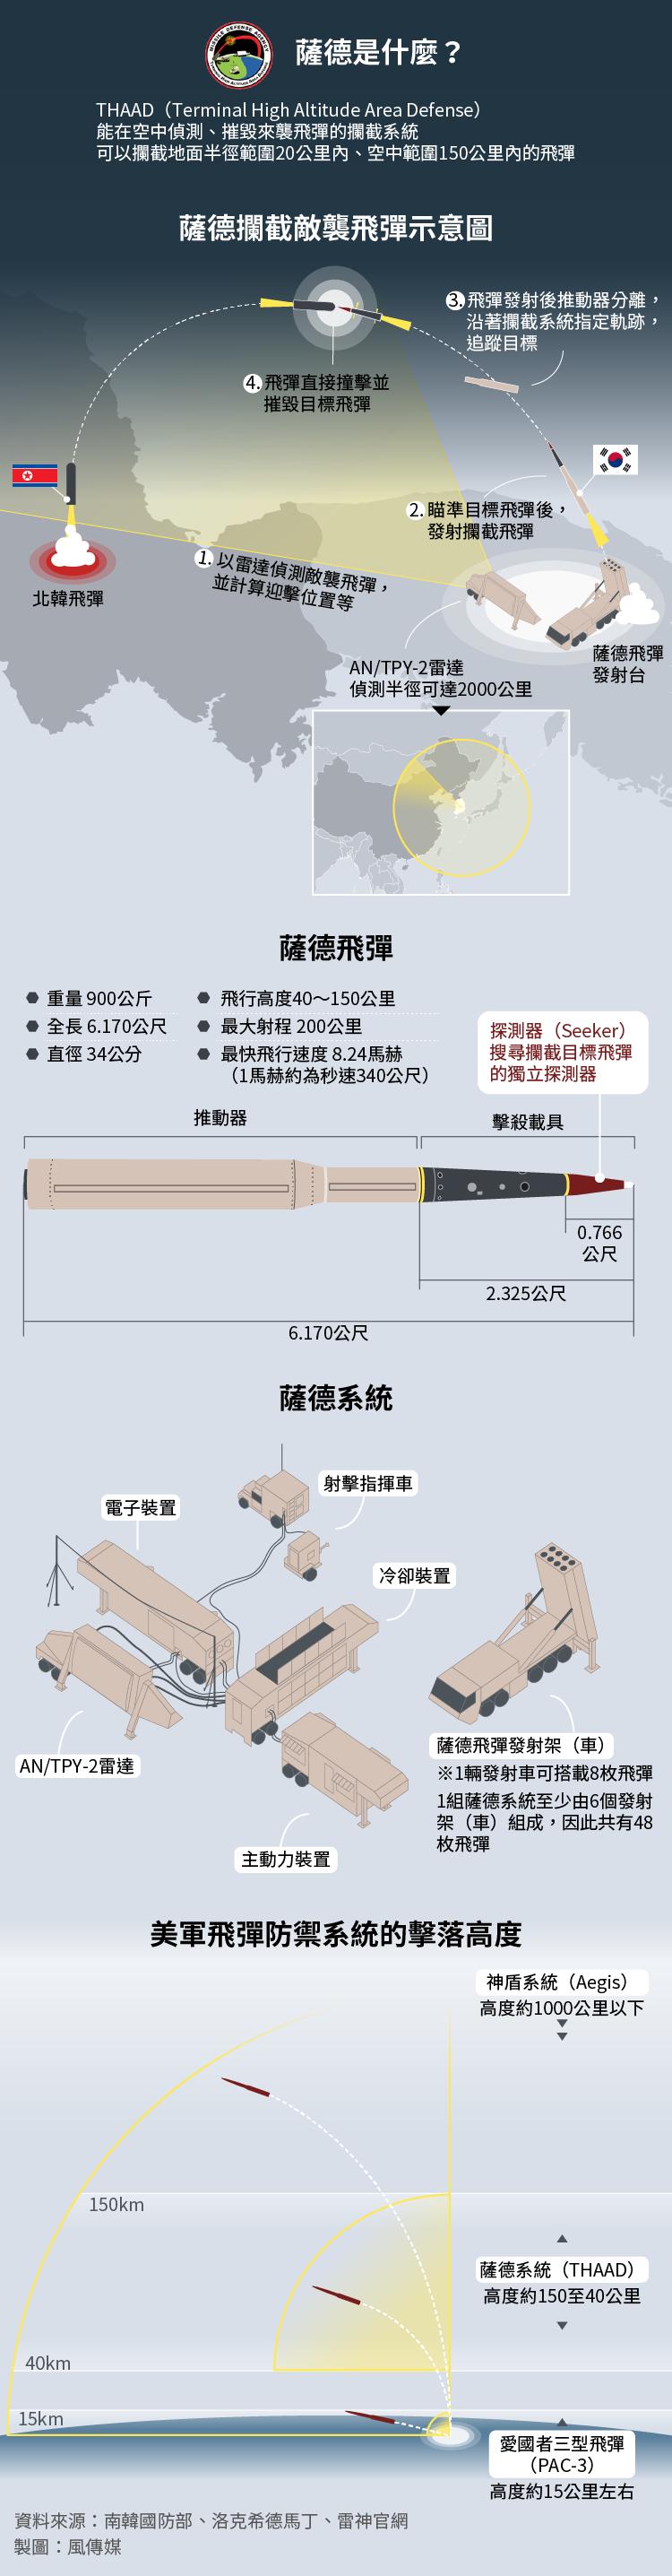 薩德反飛彈系統(THAAD)(風傳媒製圖)